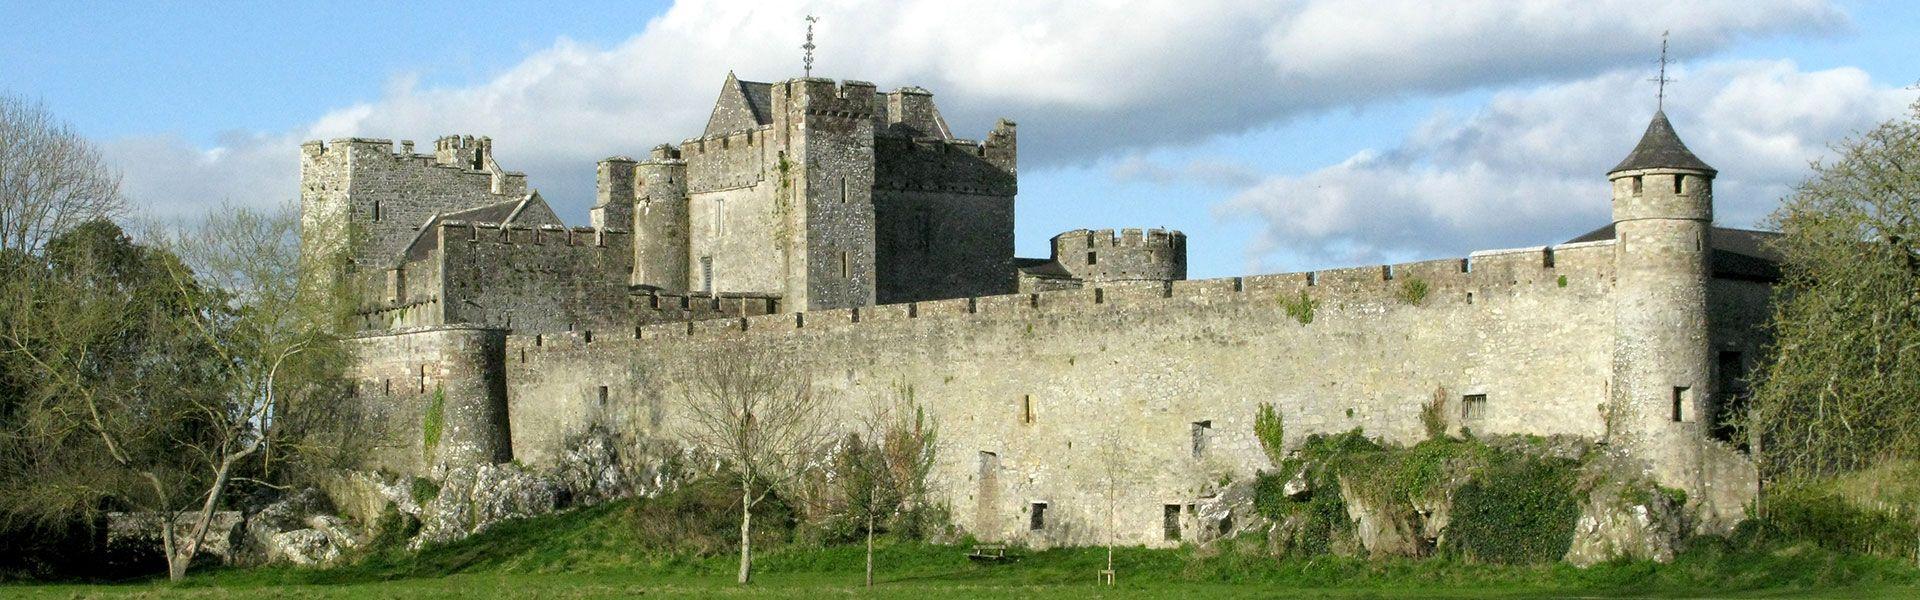 Irlanda classica